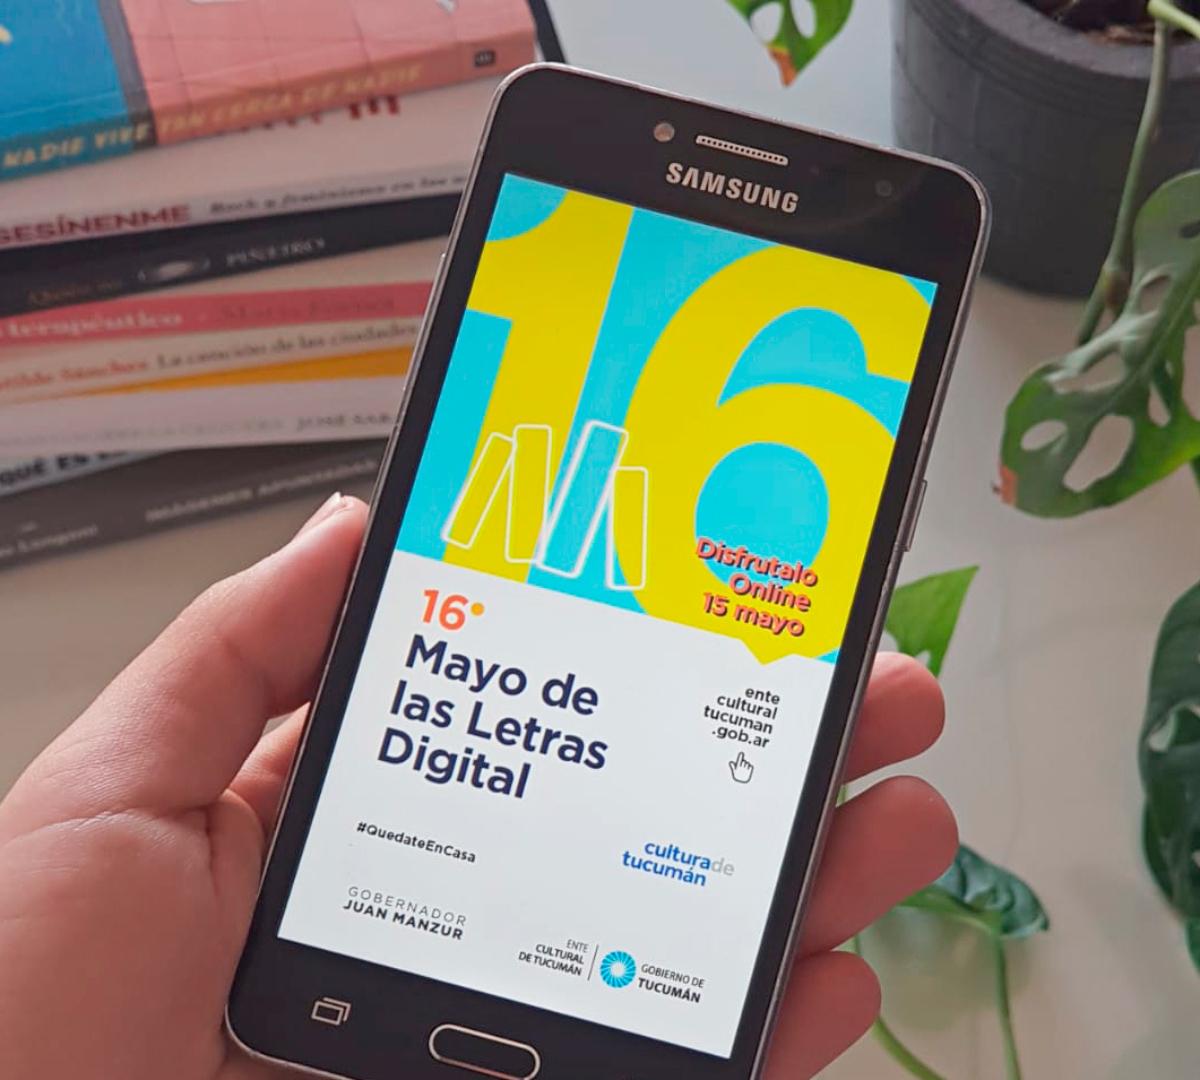 Mayo de Letras Digital en Youtbe.